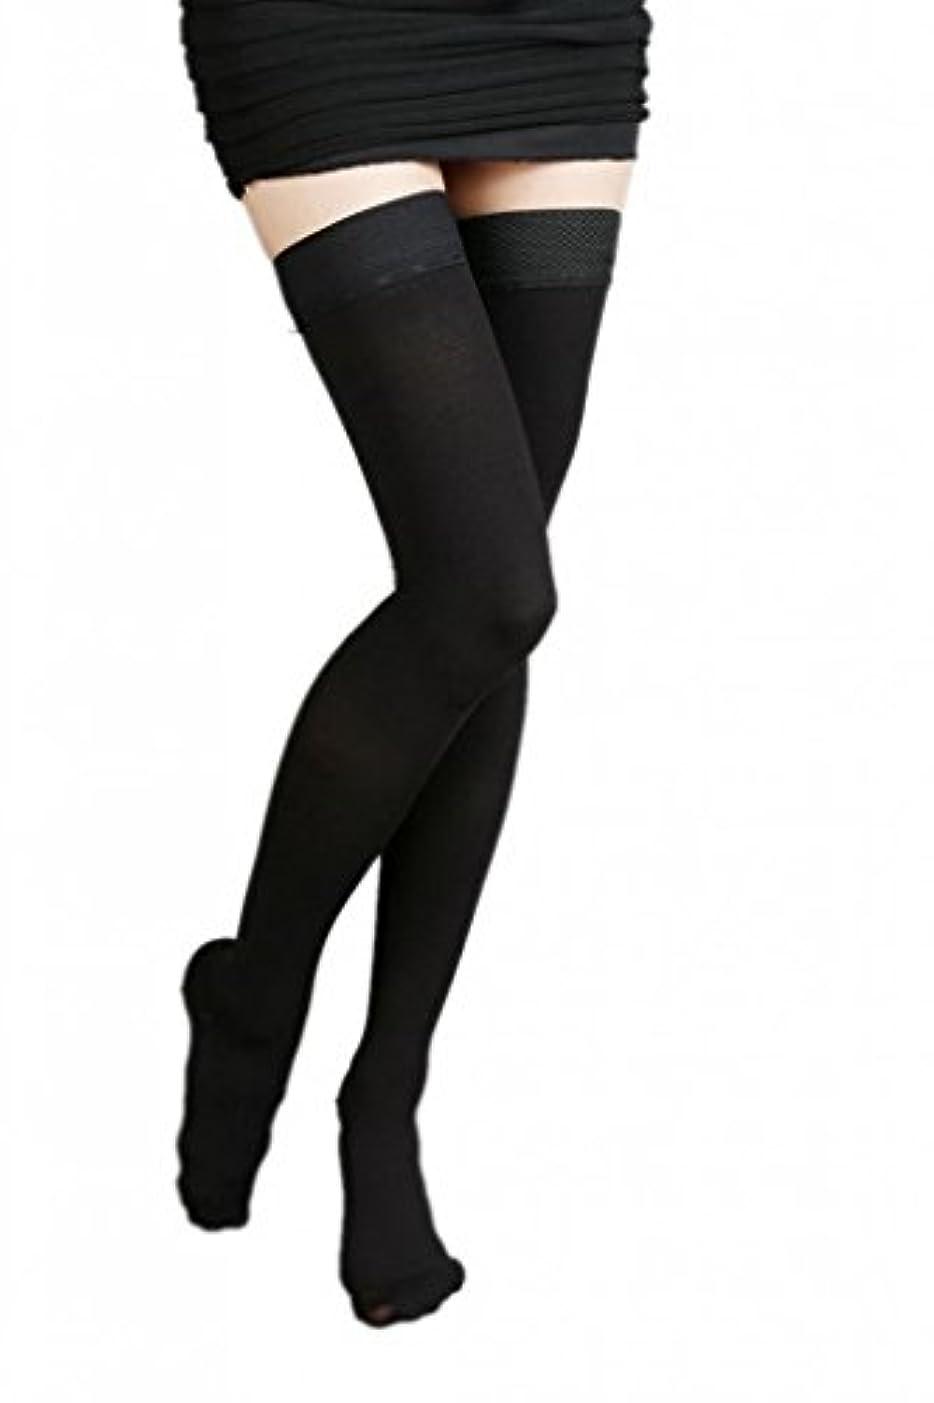 シャワーモードリンフォーム(ラボーグ)La Vogue 美脚 着圧オーバーニーソックス ハイソックス 靴下 弾性ストッキング つま先あり着圧ソックス L 2級中圧 黒色